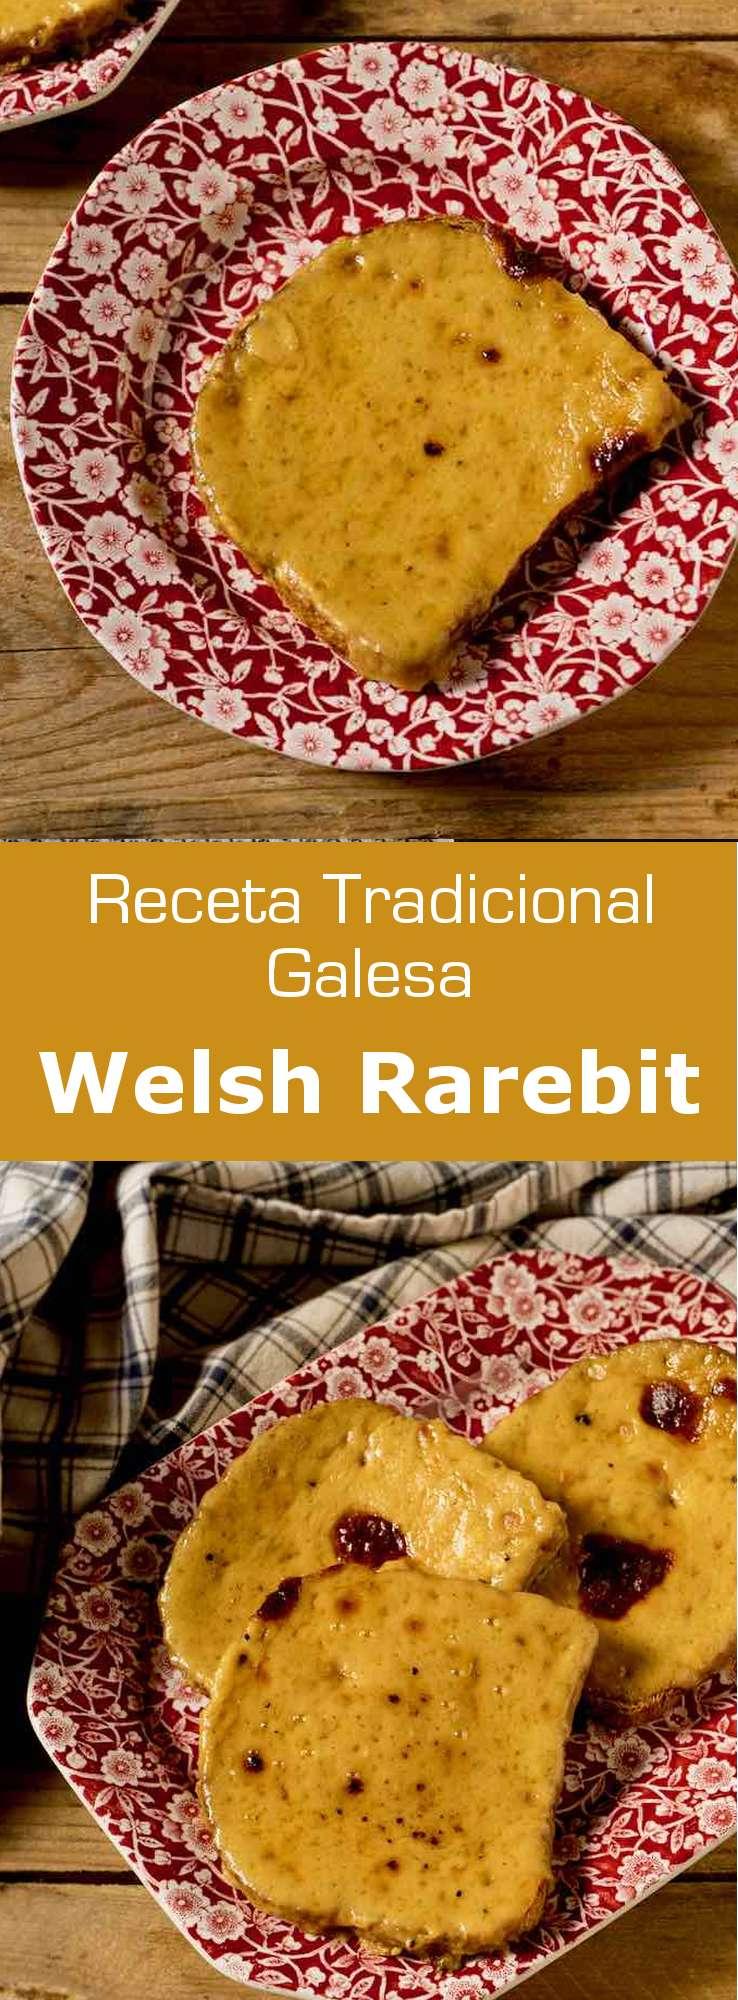 El Welsh rarebit o Welsh rabbit es un plato galés preparado con queso cheddar, mostaza y cerveza, que tradicionalmente se sirve en una rebanada de pan tostado a la parrilla.